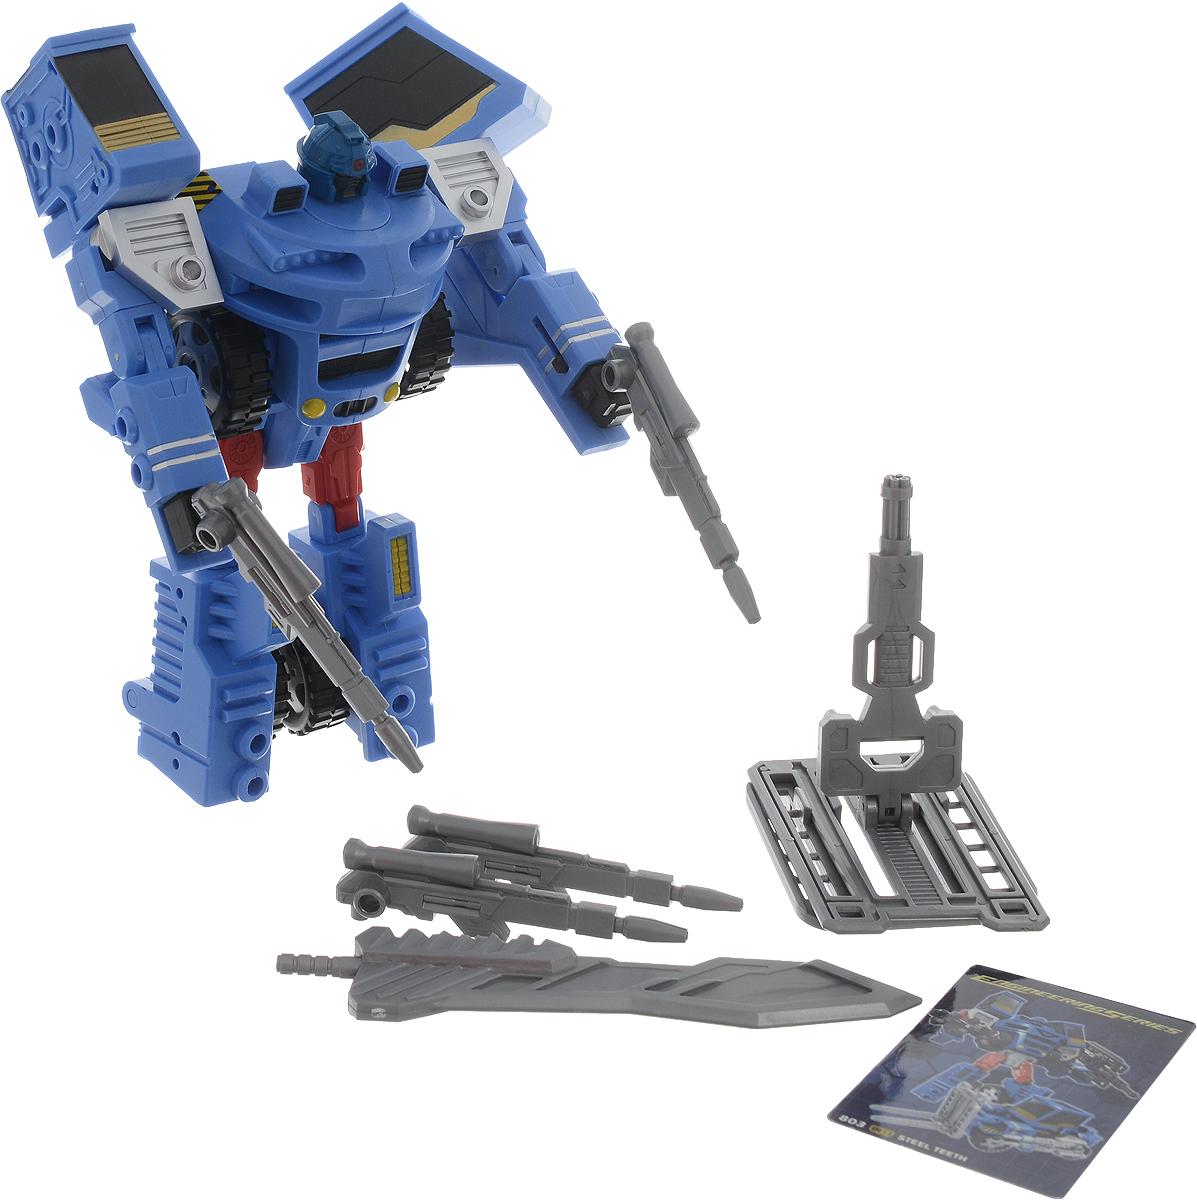 Склад уникальных товаров Робот-трансформер Погрузчик с Пушкой XXL склад уникальных товаров калейдоскоп led большой